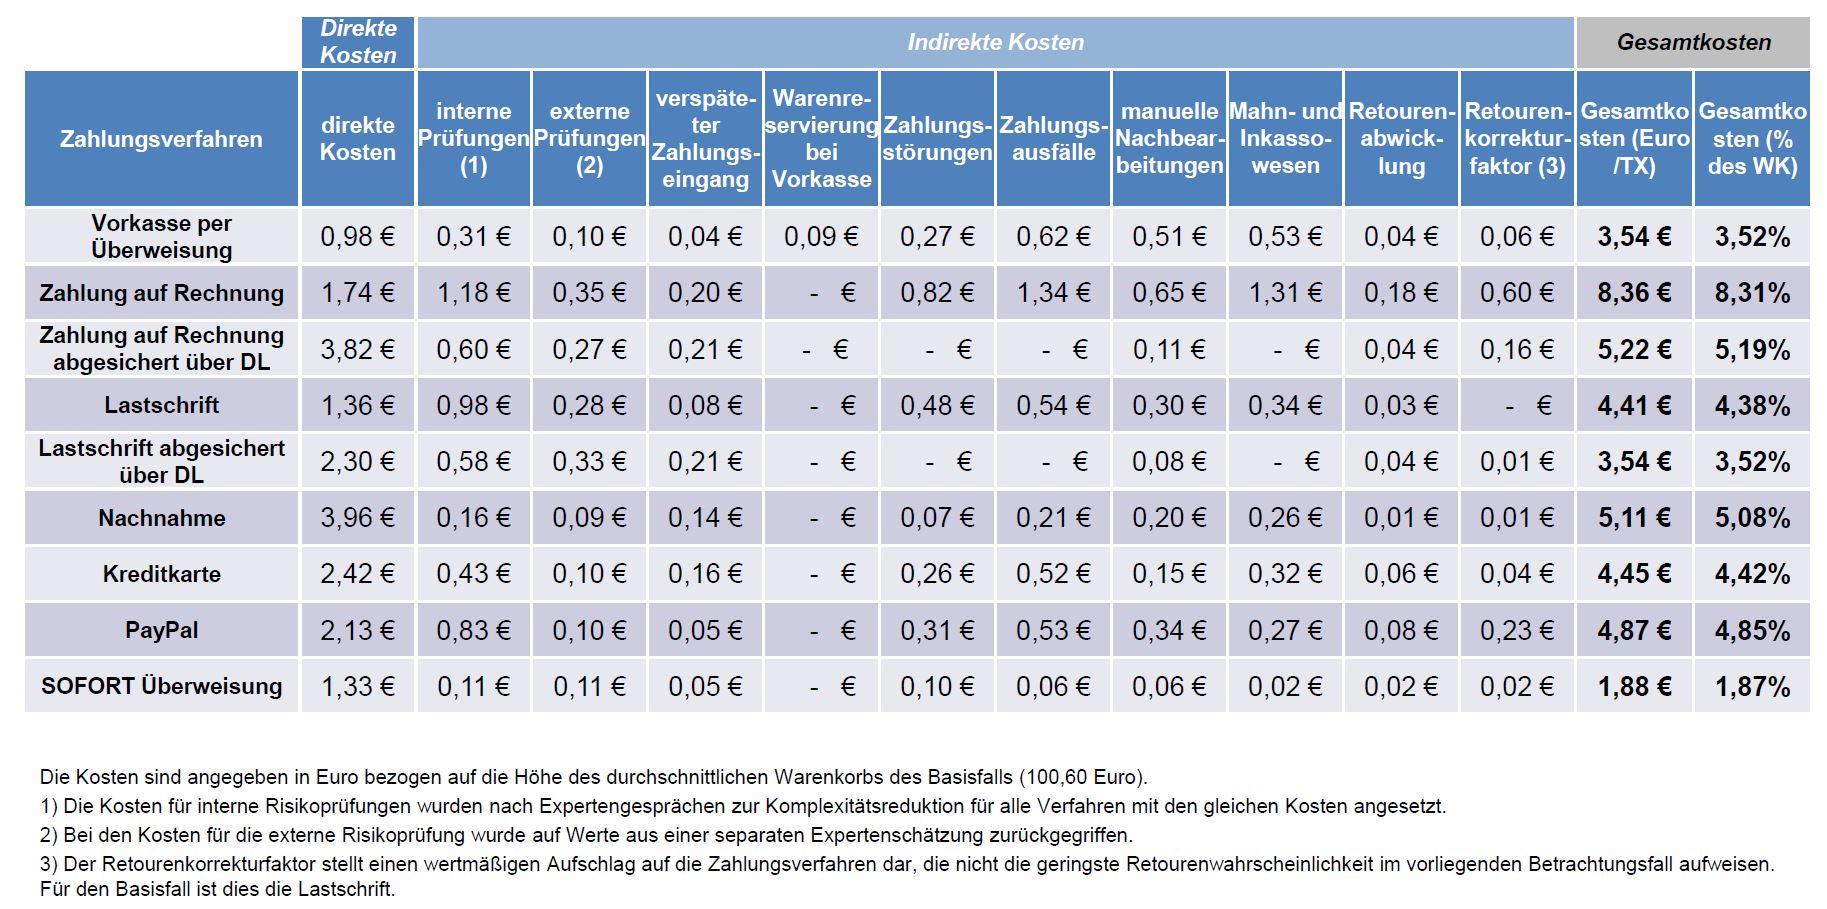 Gesamtkosten von Zahlungsverfahren